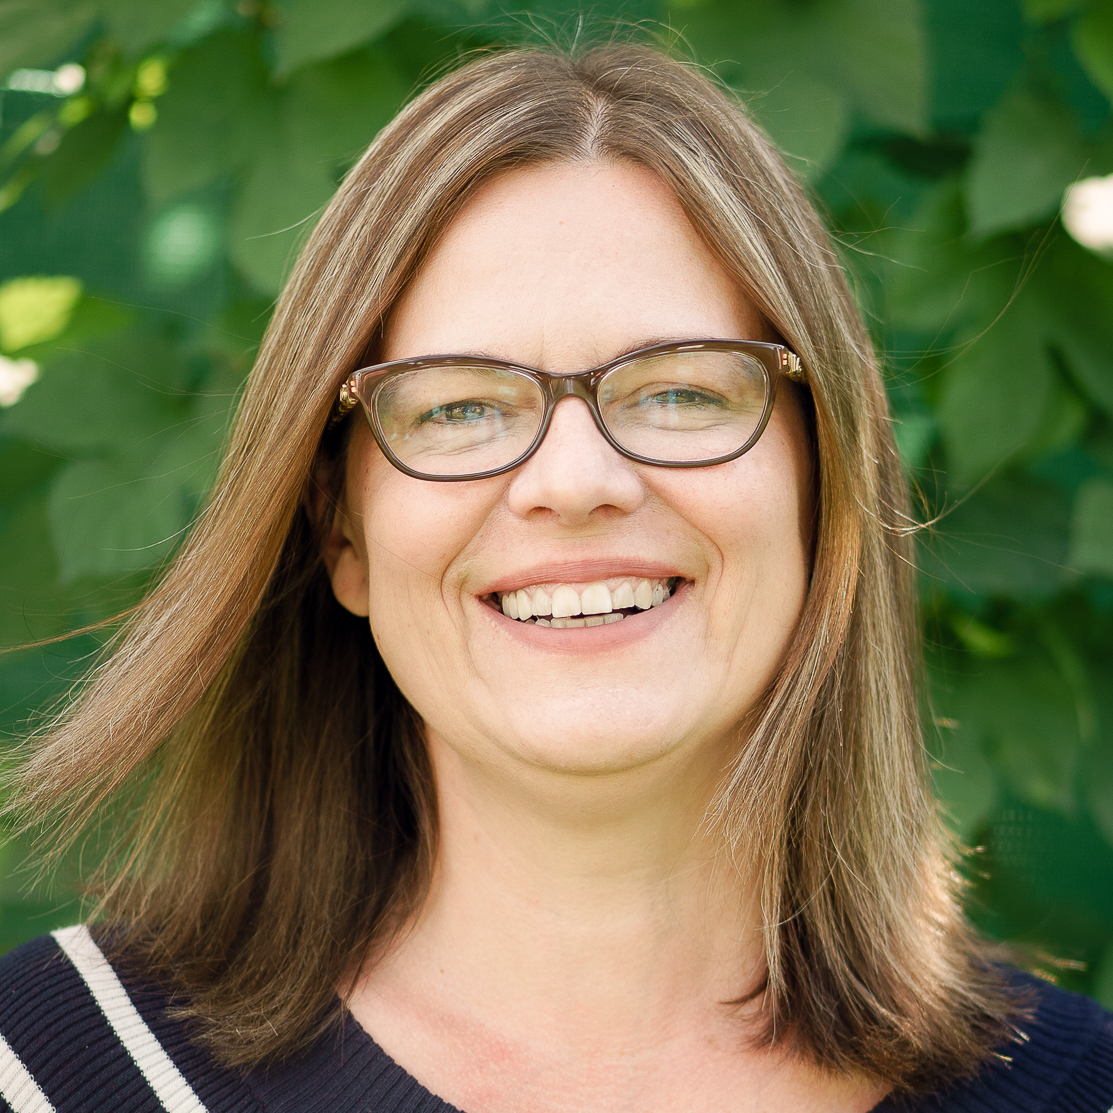 Agnieszka Behnam